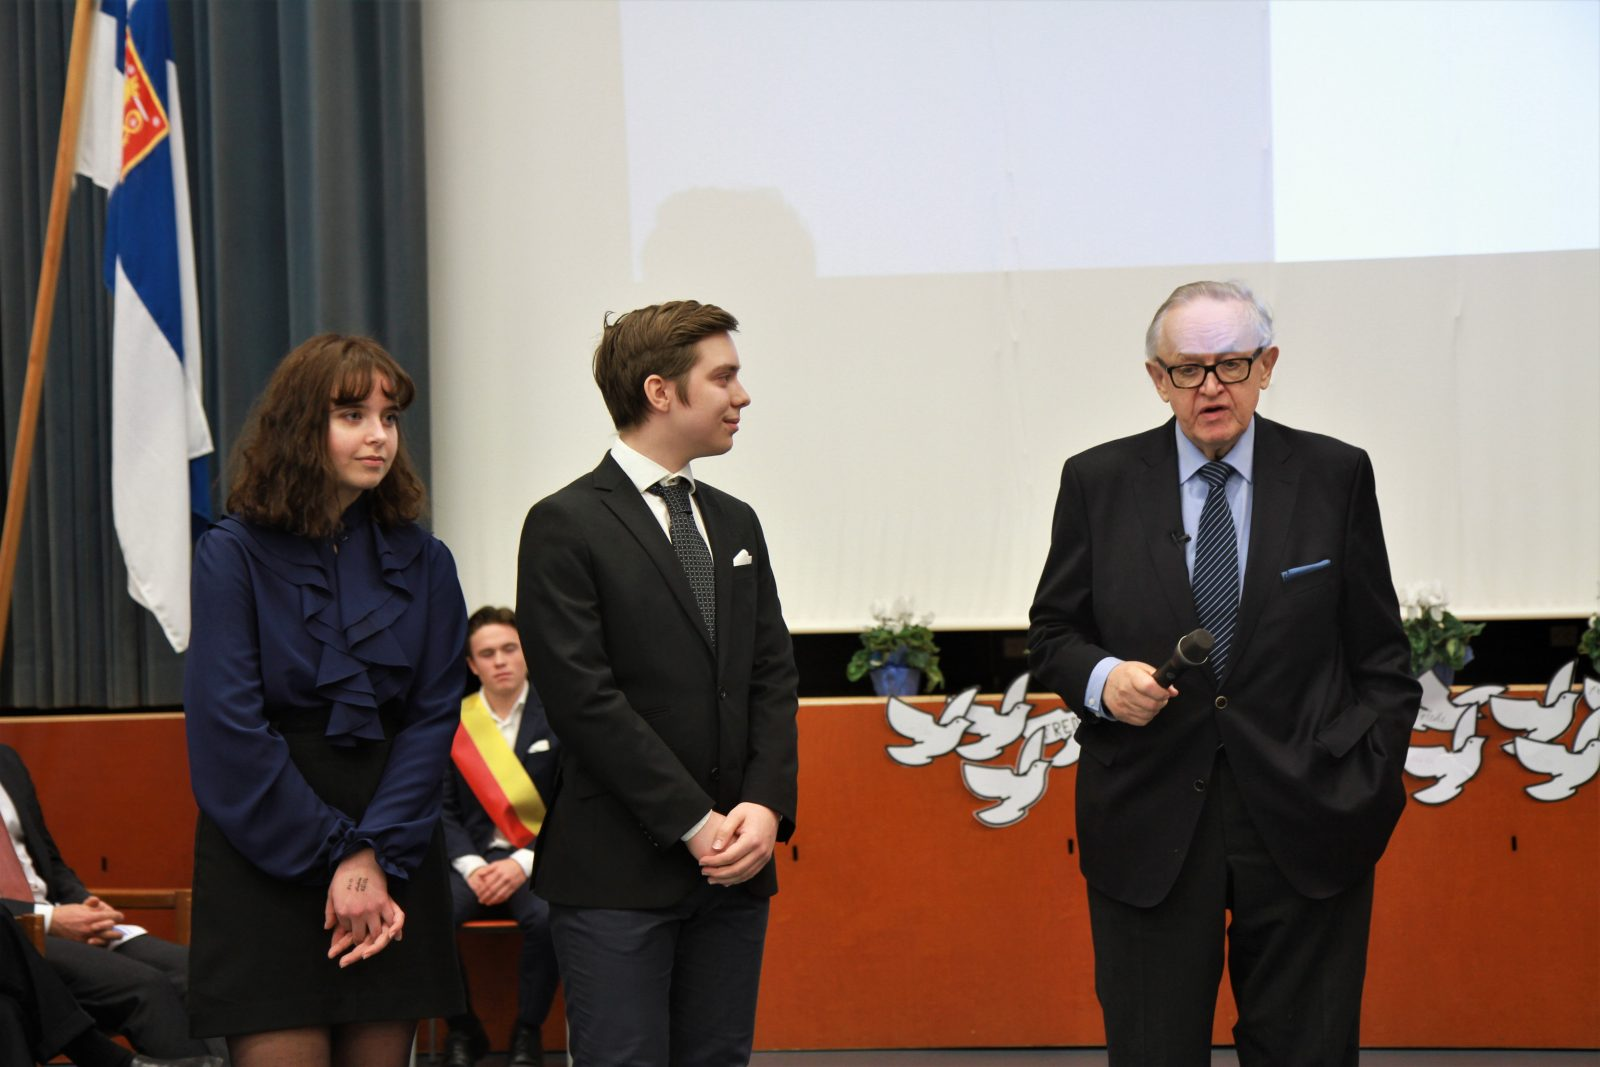 Viime vuonna Ahtisaari-päiviä vietettiin Vaasassa. Presidentti Ahtisaari palkitsi Vasa Övningskolas Gymnasiumin oppilaat Ida Österholmin ja Mikael Morneyn sovinnonkyyhkyillä.